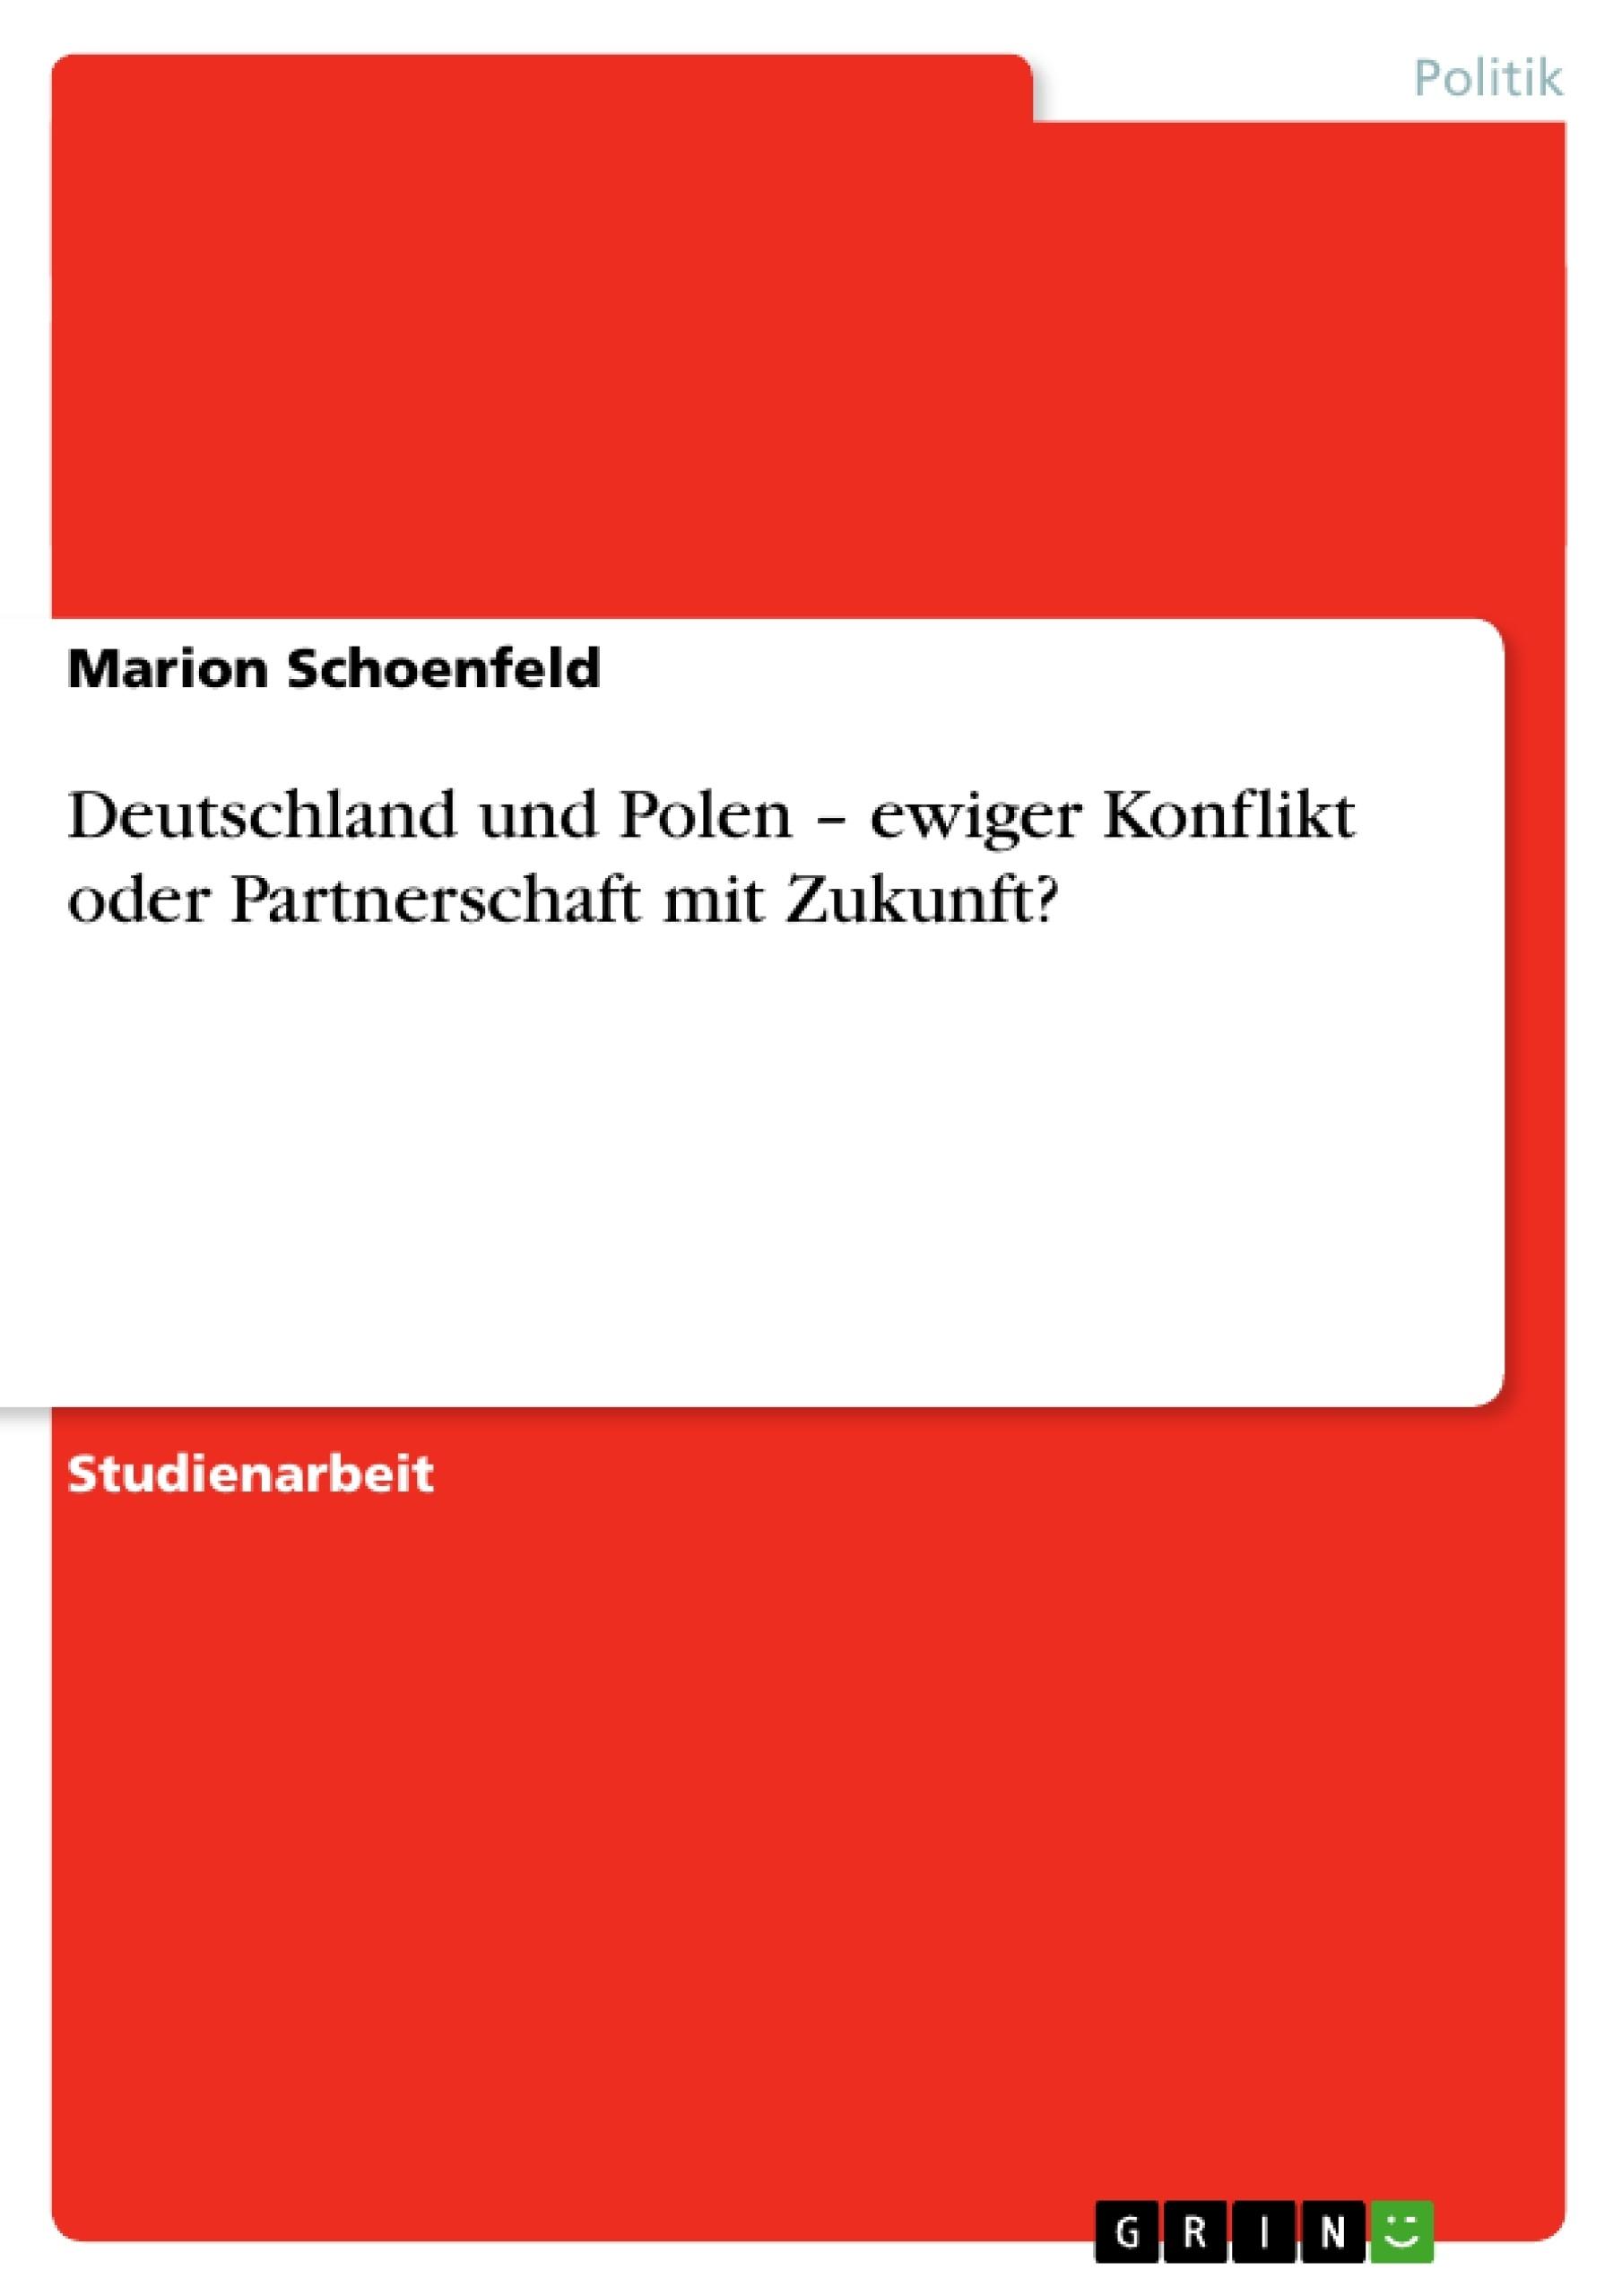 Titel: Deutschland und Polen – ewiger Konflikt oder Partnerschaft mit Zukunft?